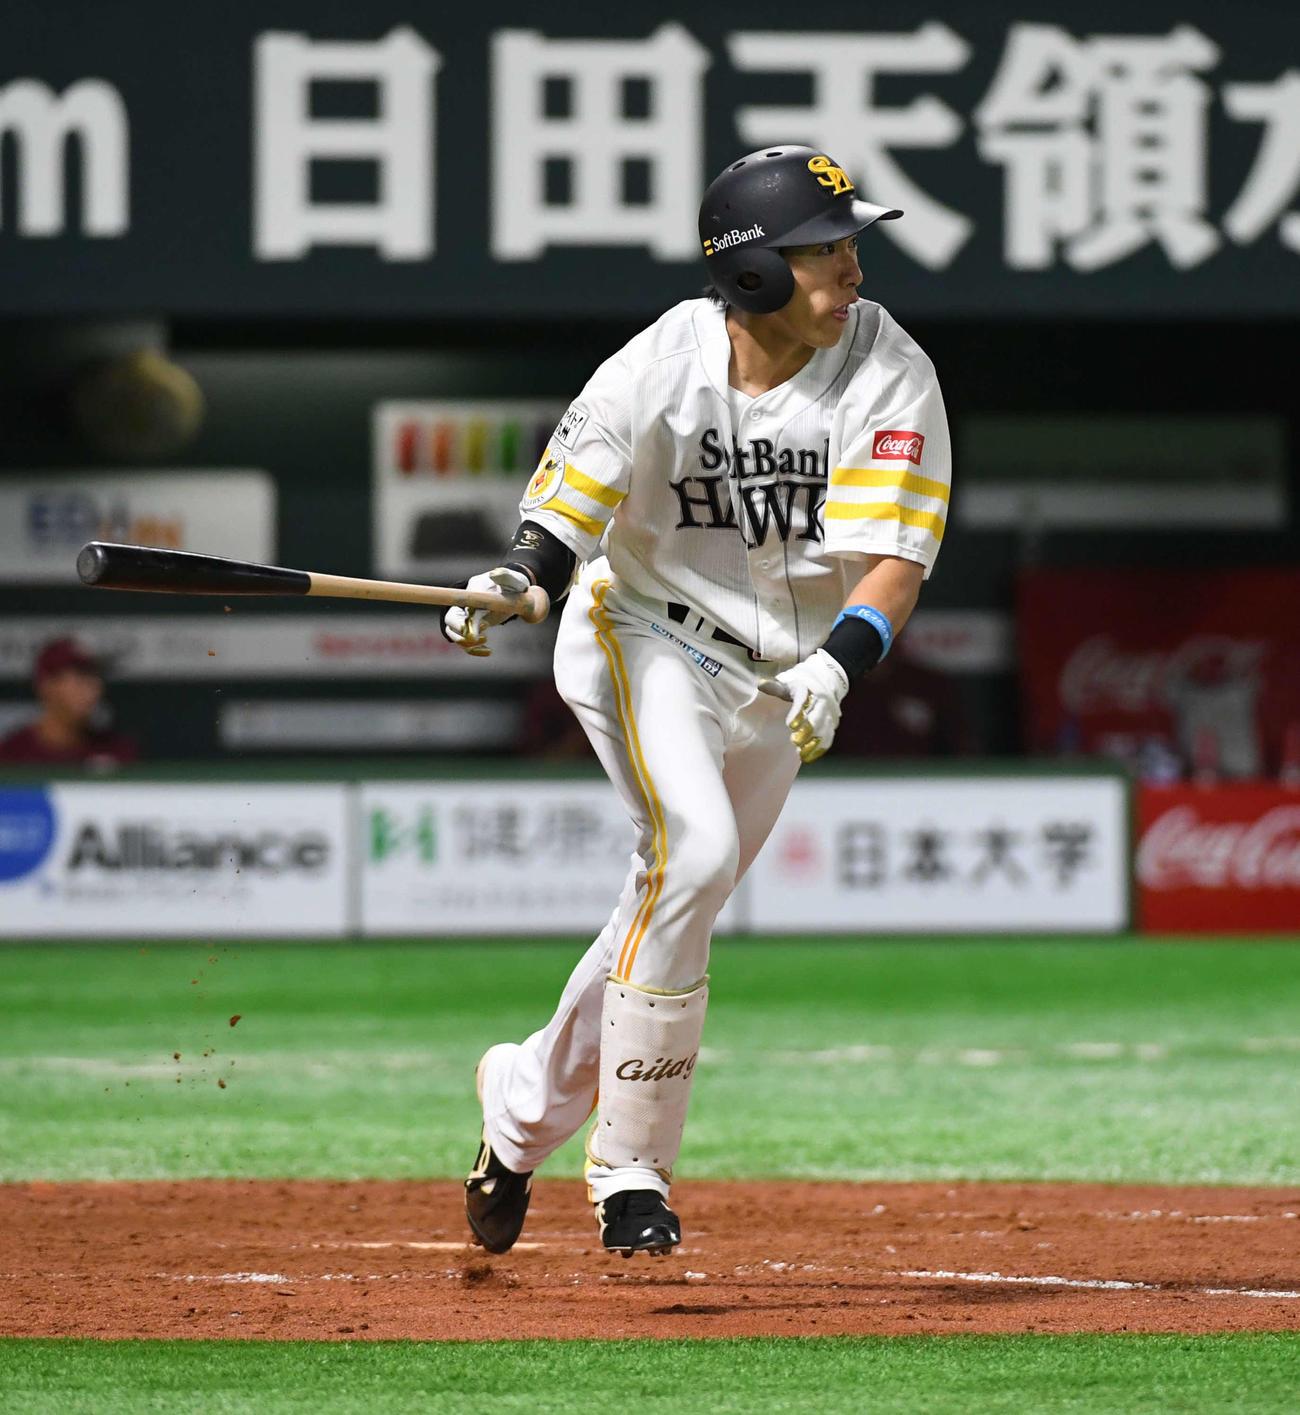 ソフトバンク対楽天 5回裏ソフトバンク無死二塁、柳田は中前に勝ち越し適時打を放つ(撮影・今浪浩三)